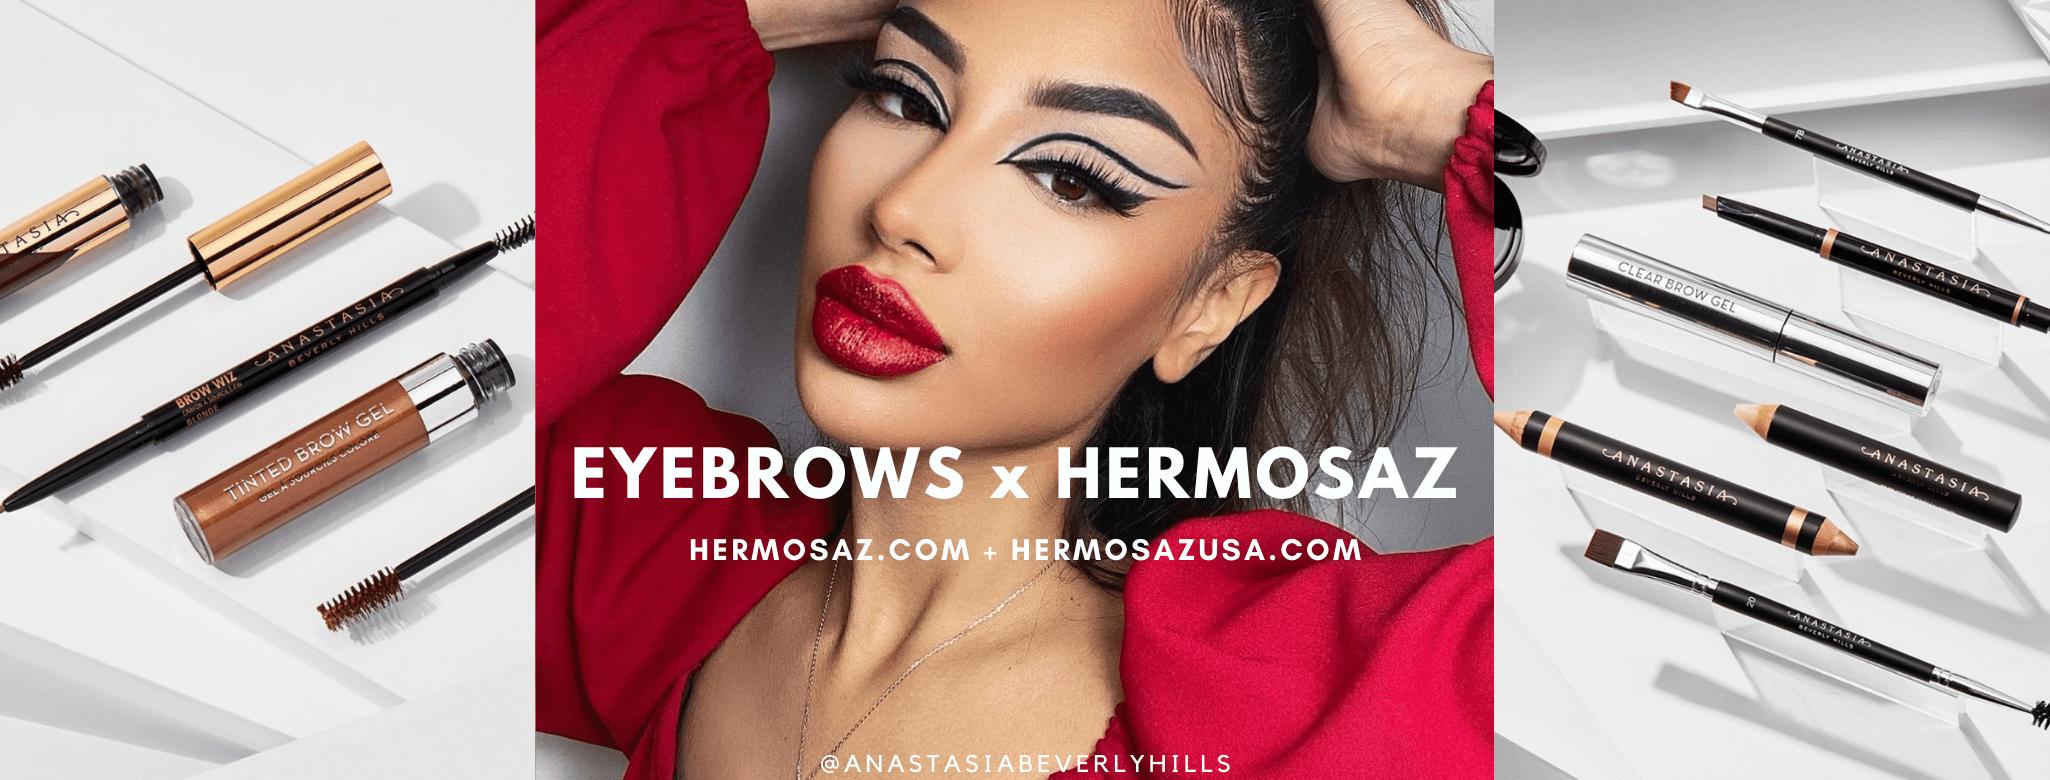 Eyebrows x Hermosaz